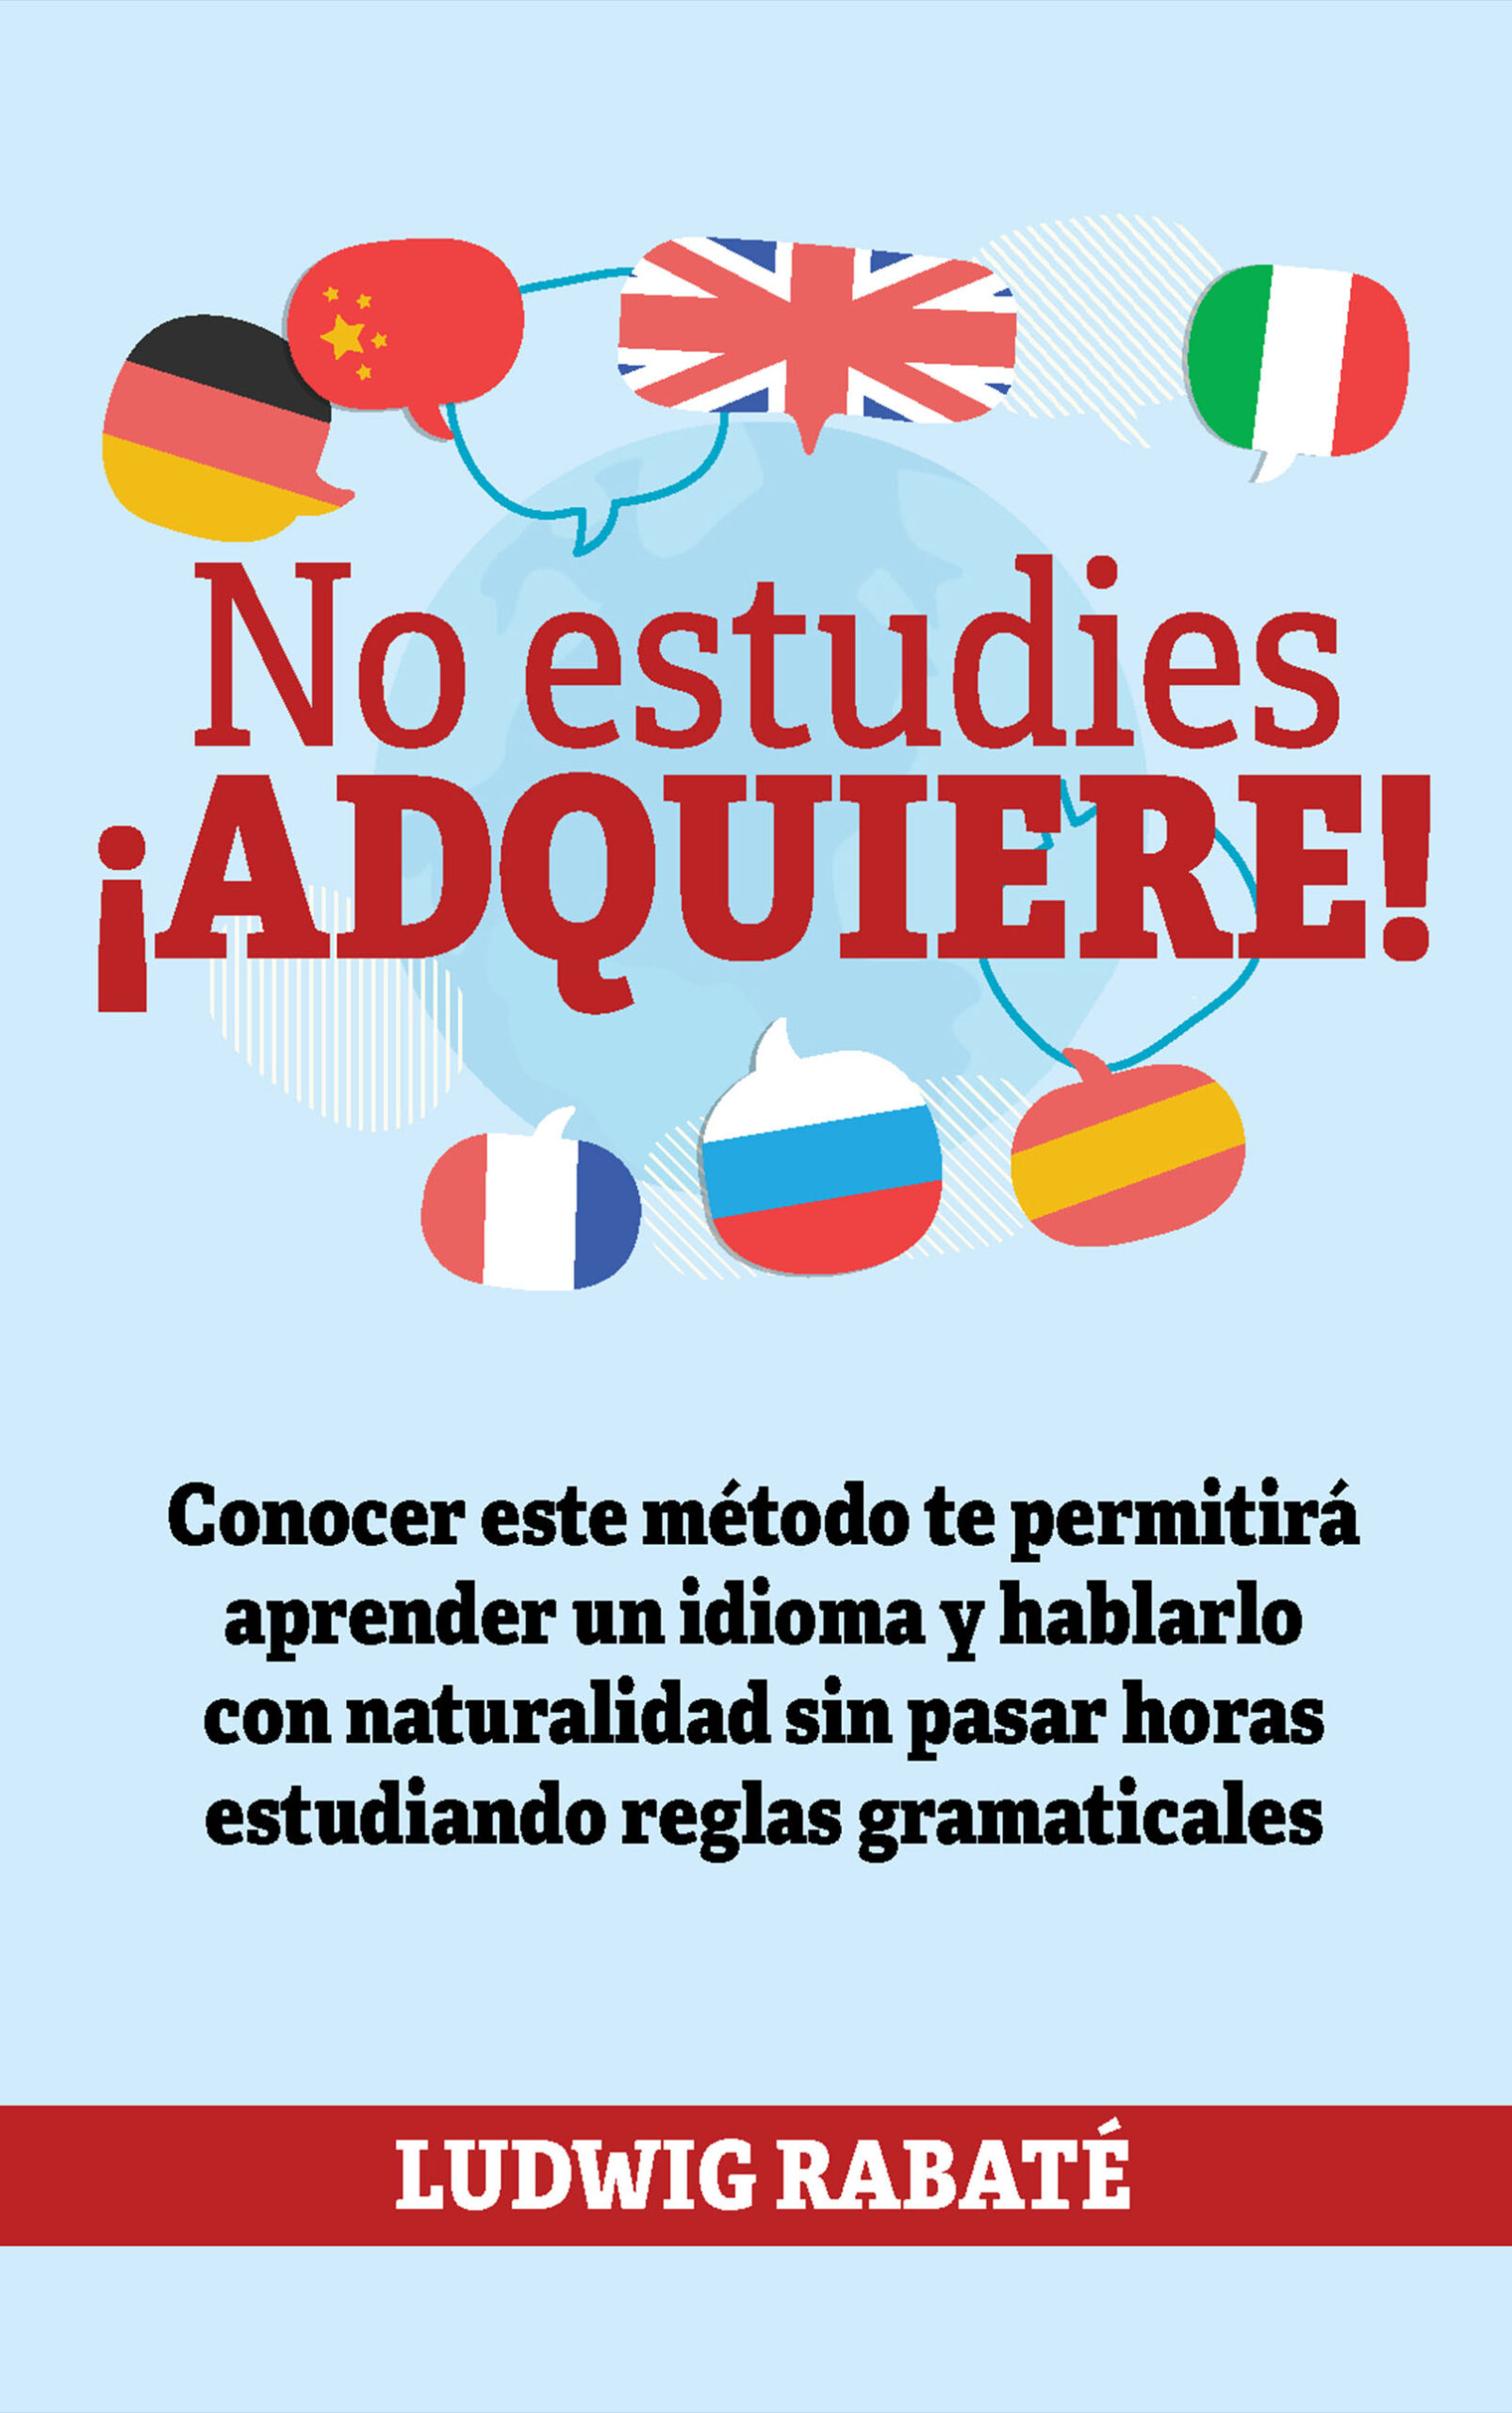 No estudies, ¡adquiere!, de Ludwig Rabaté